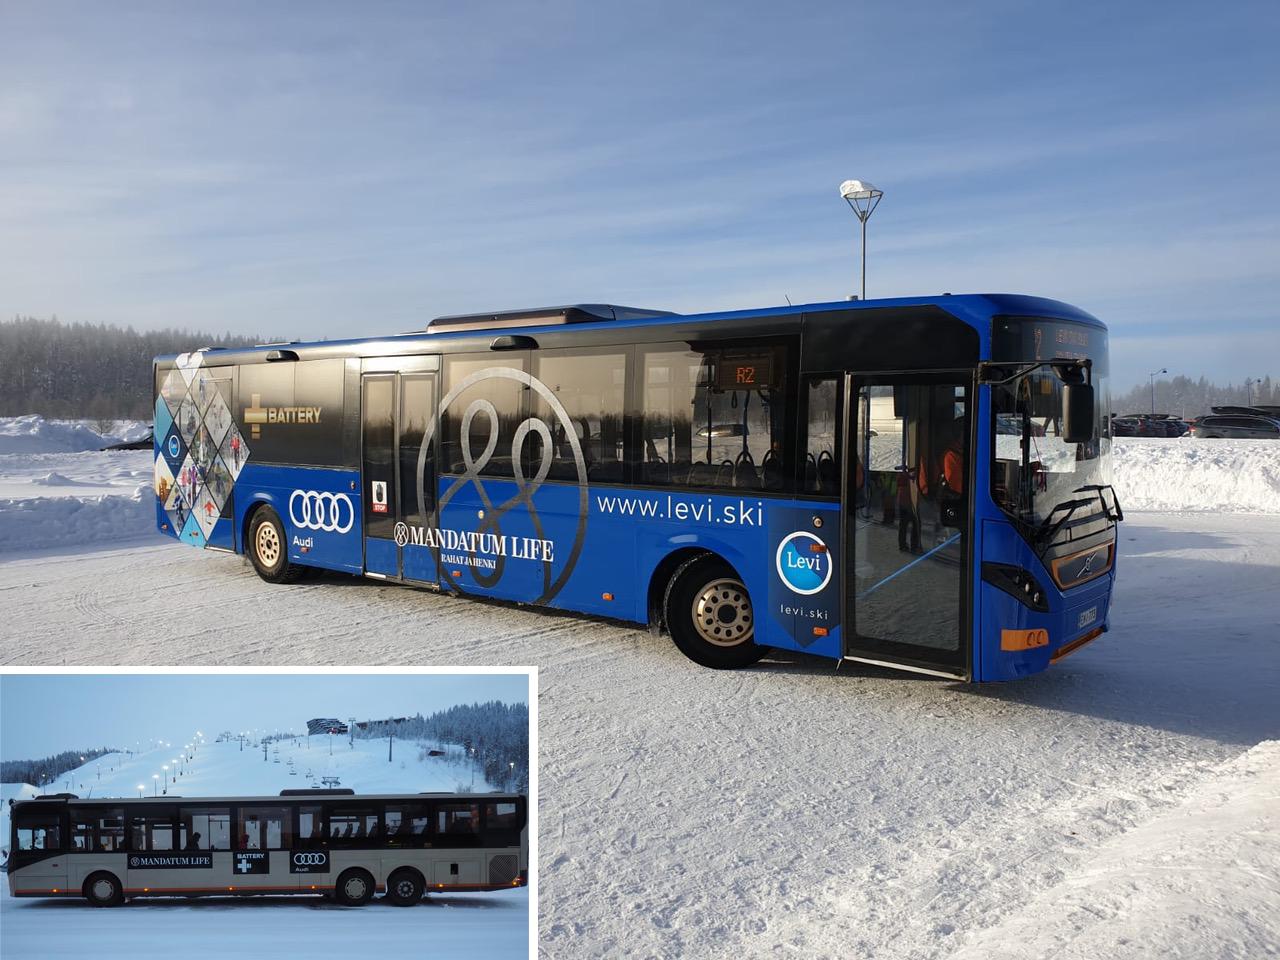 Levinskibussit teipattuna uudella ilmeellä